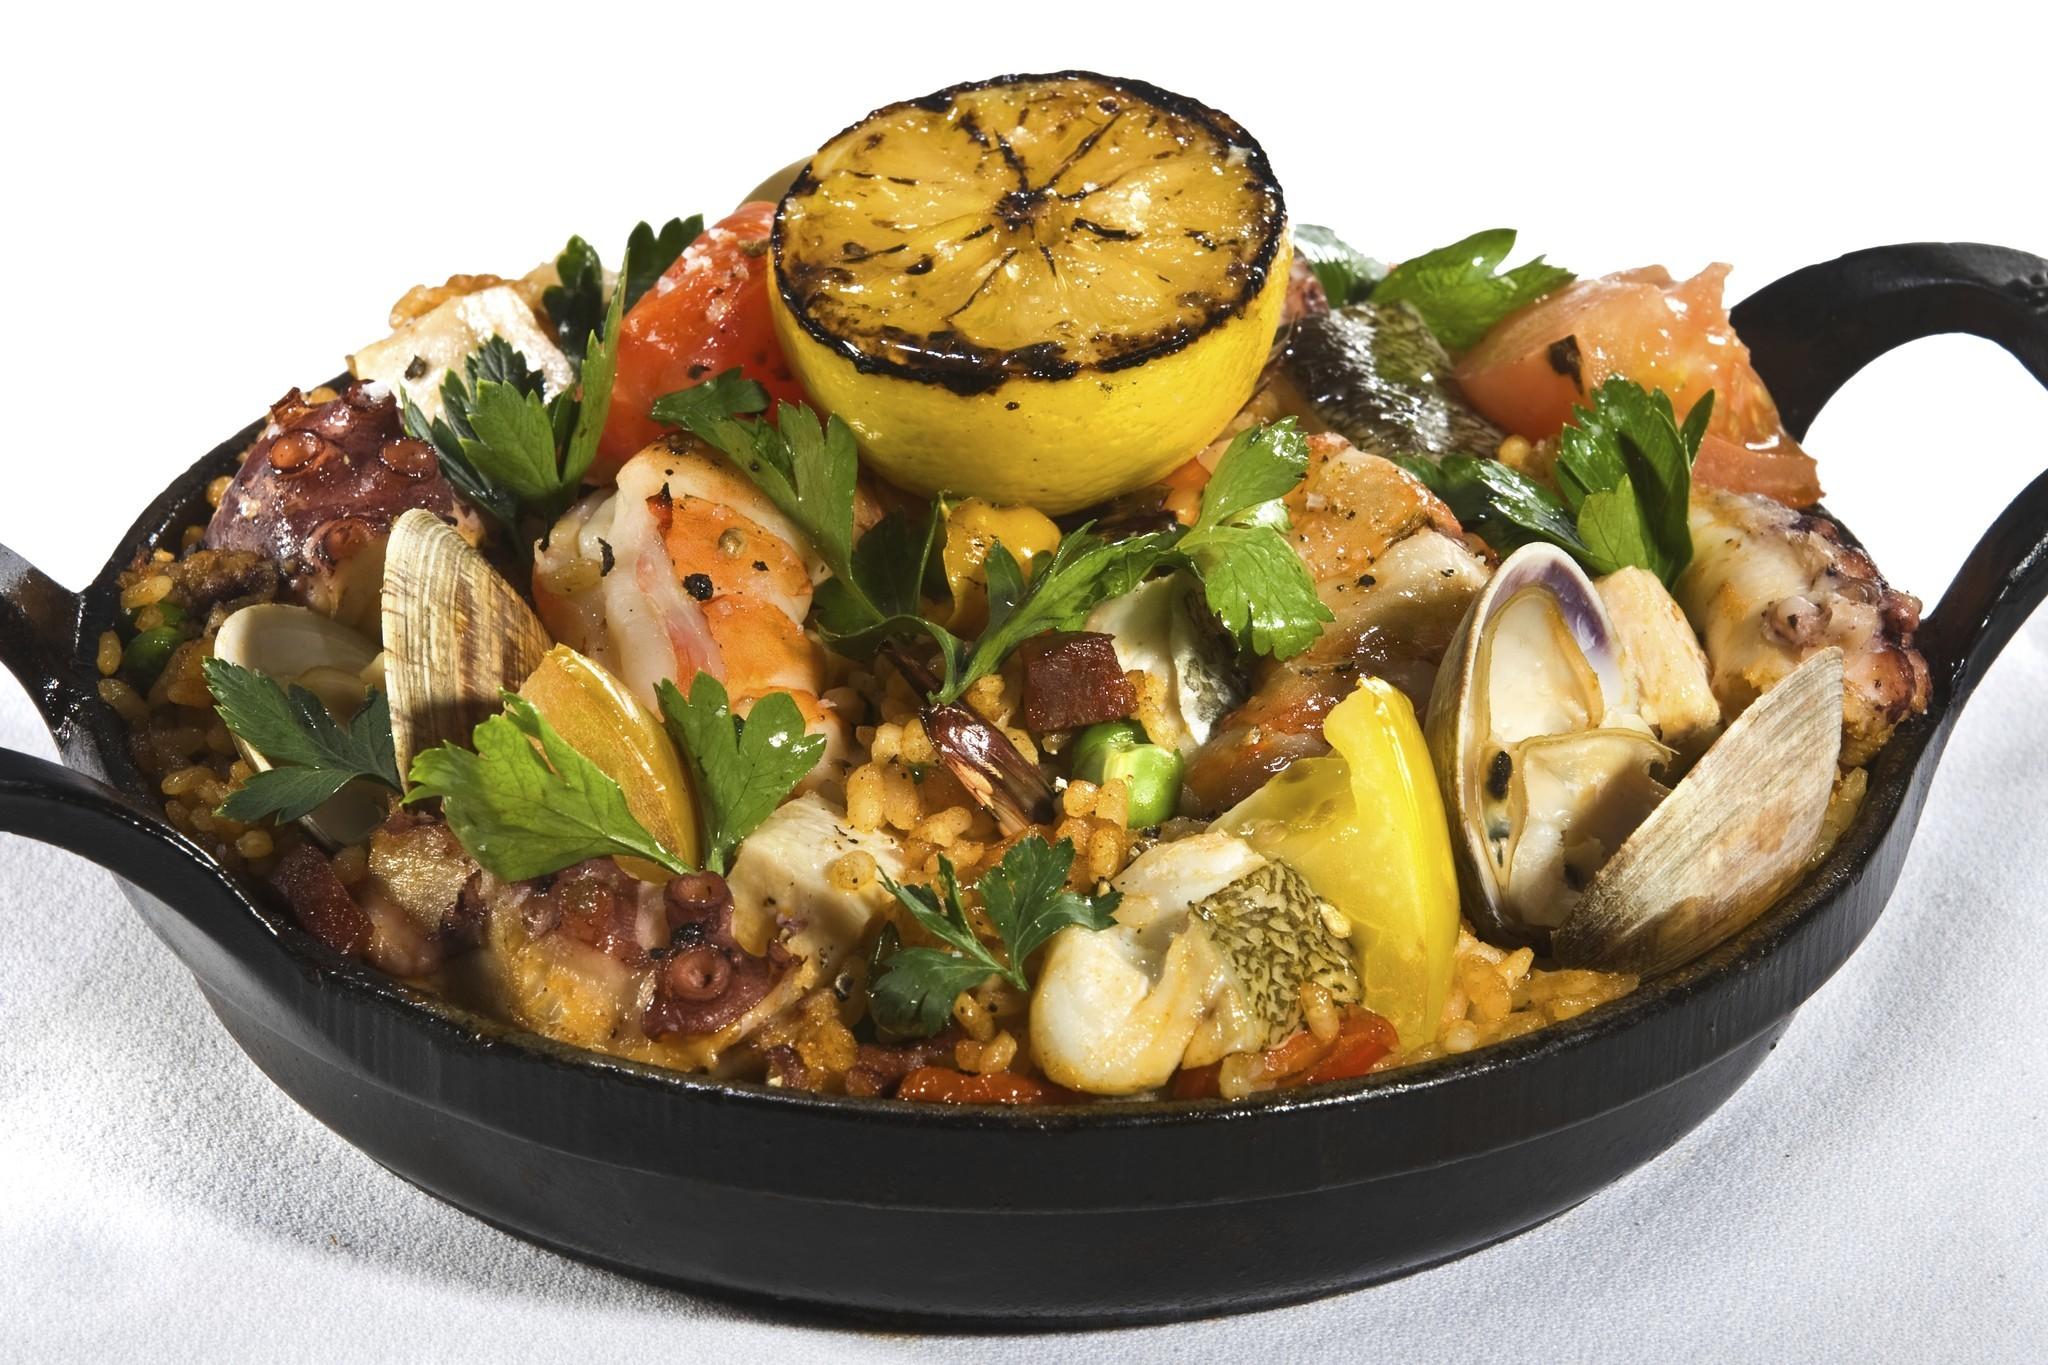 Top Broward restaurants - 3030 Ocean